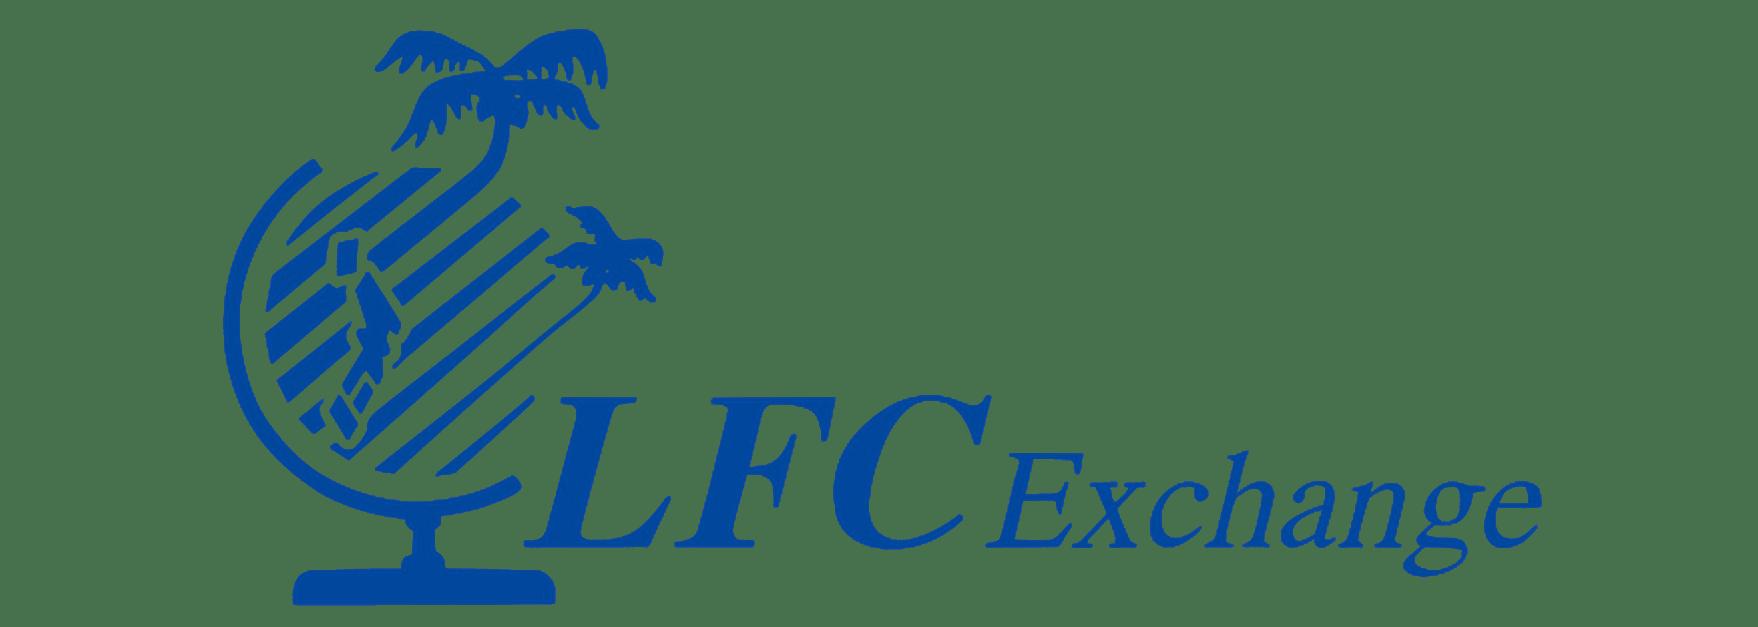 LFC Exchange,inc